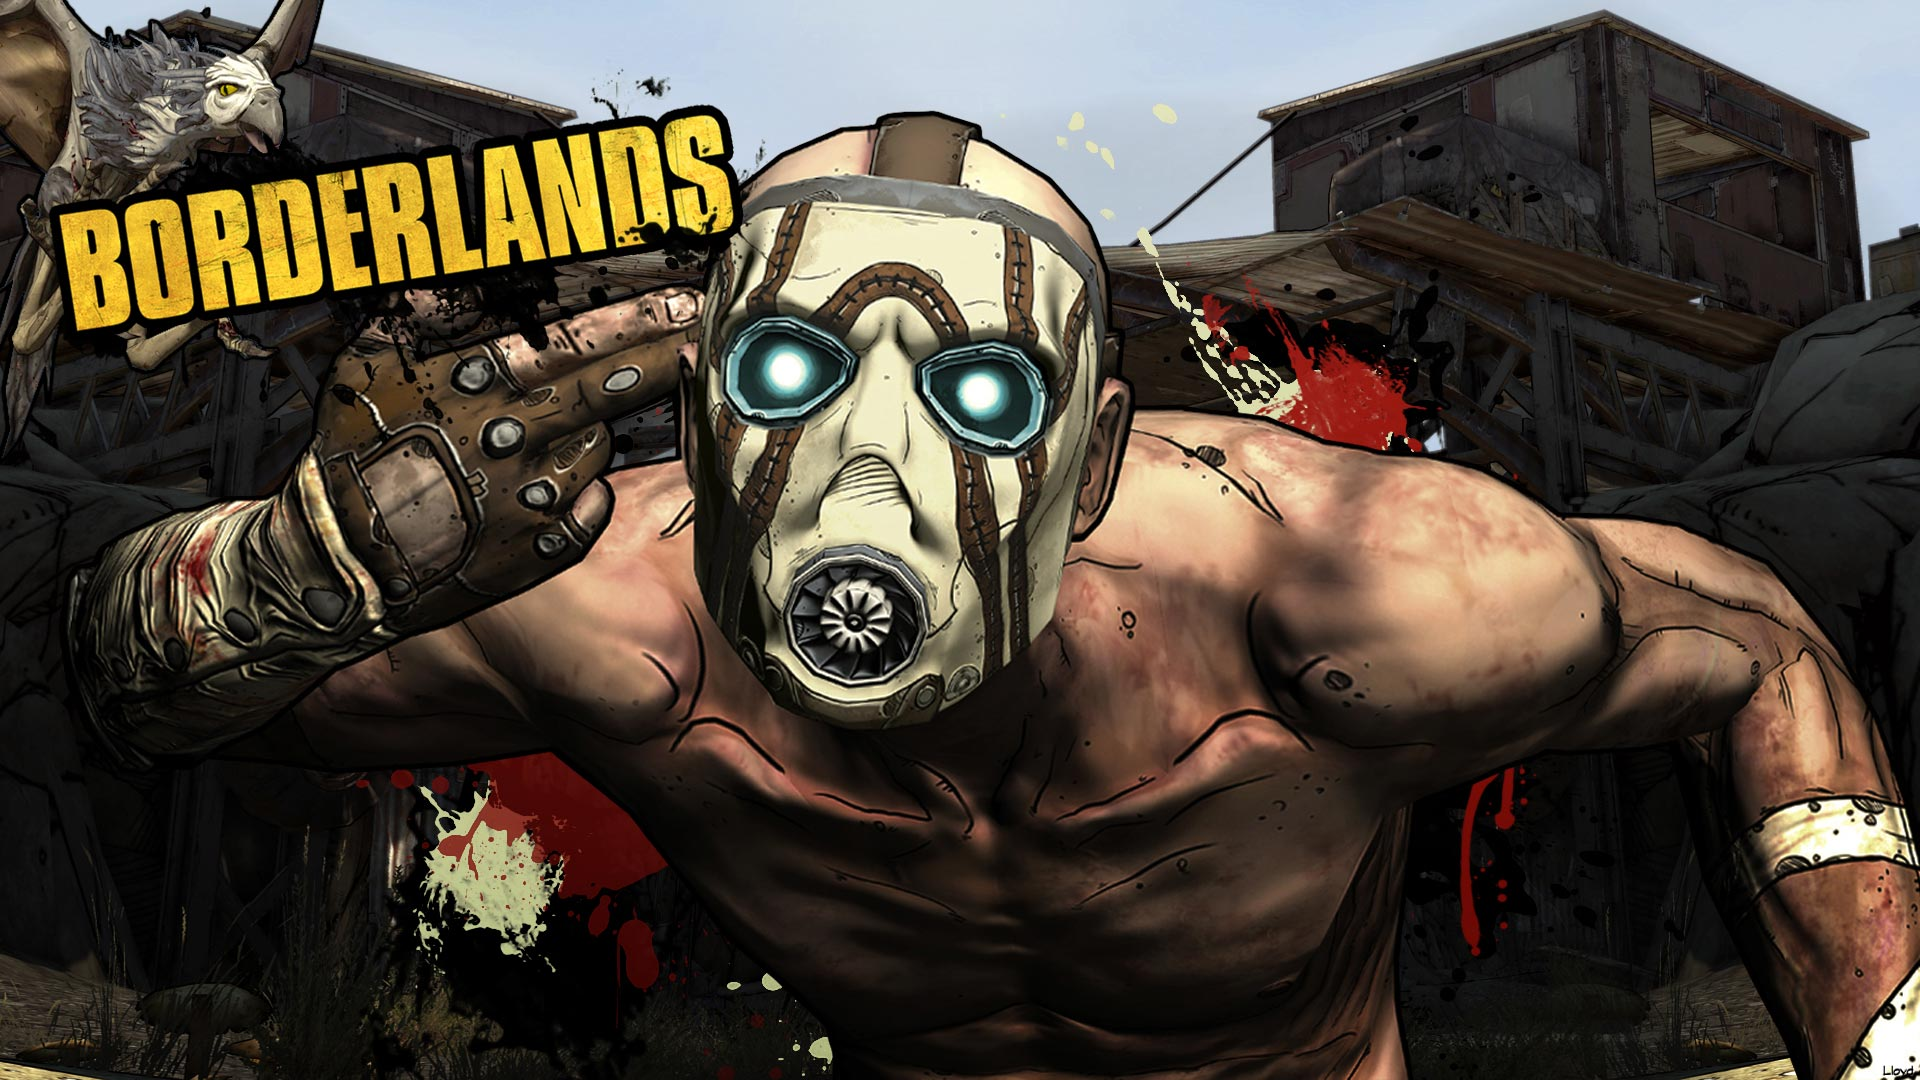 Borderlands gets back multiplayer on playstation 3 vg247